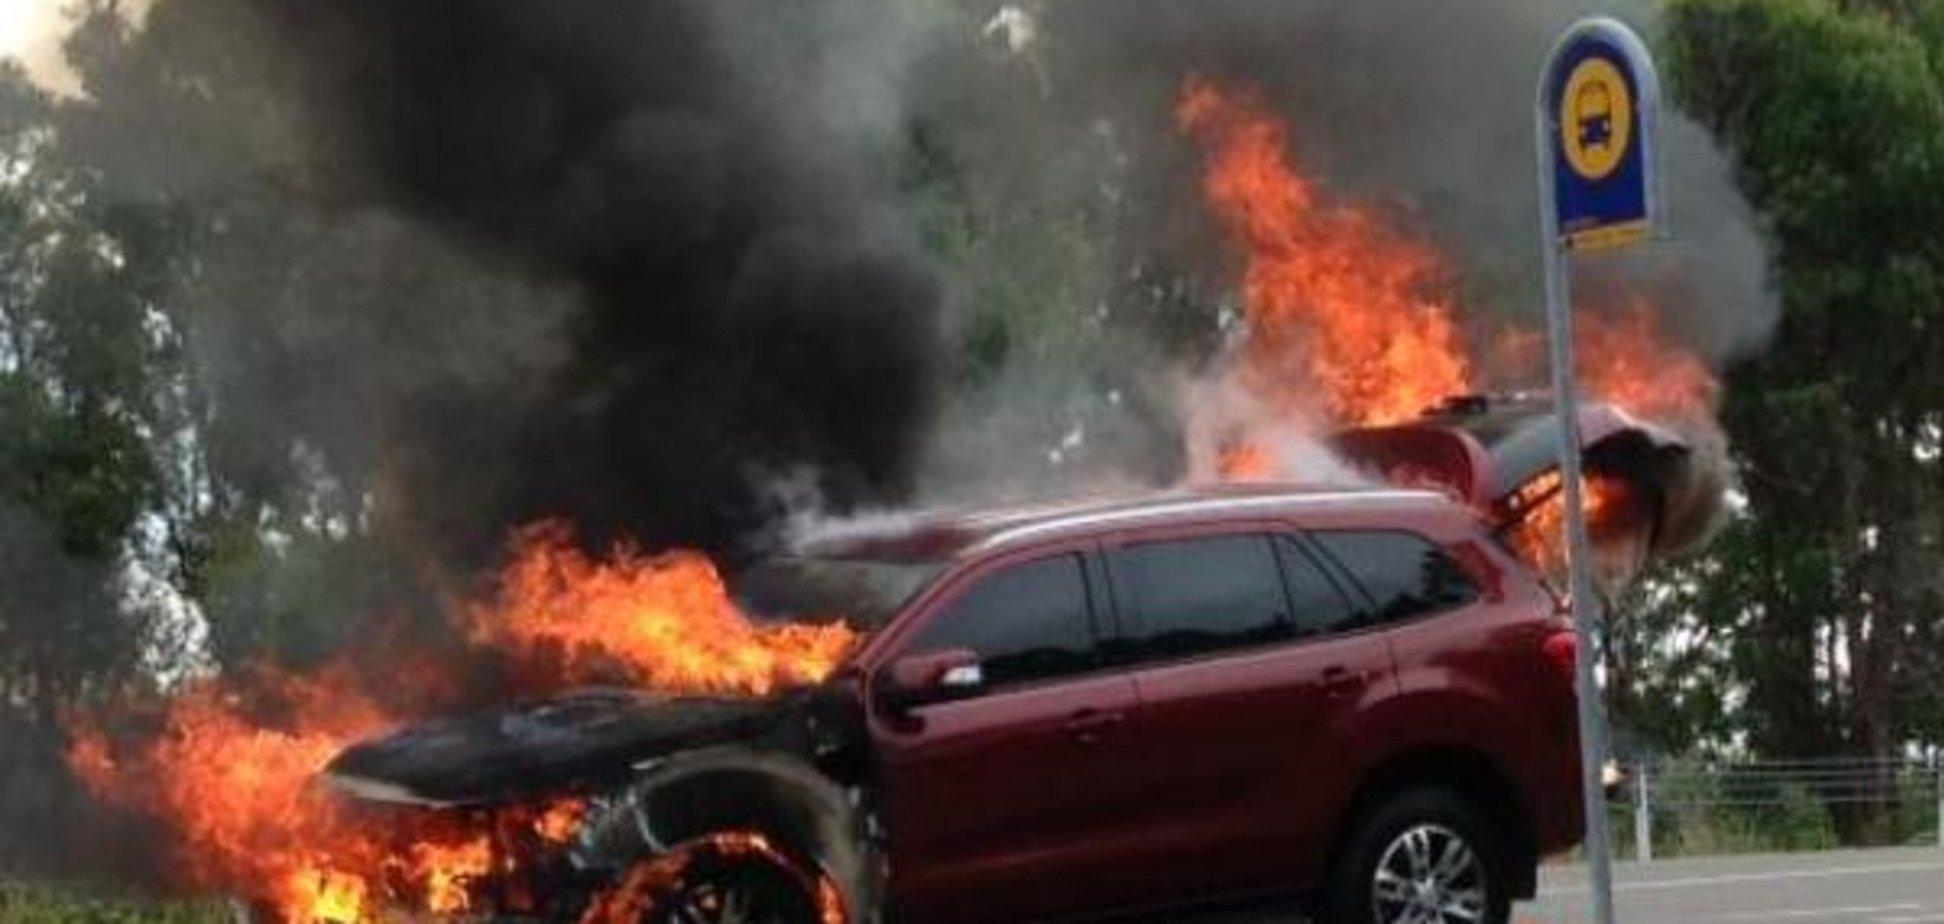 Новий позашляховик Ford згорів дотла під час тест-драйву: опубліковано фото